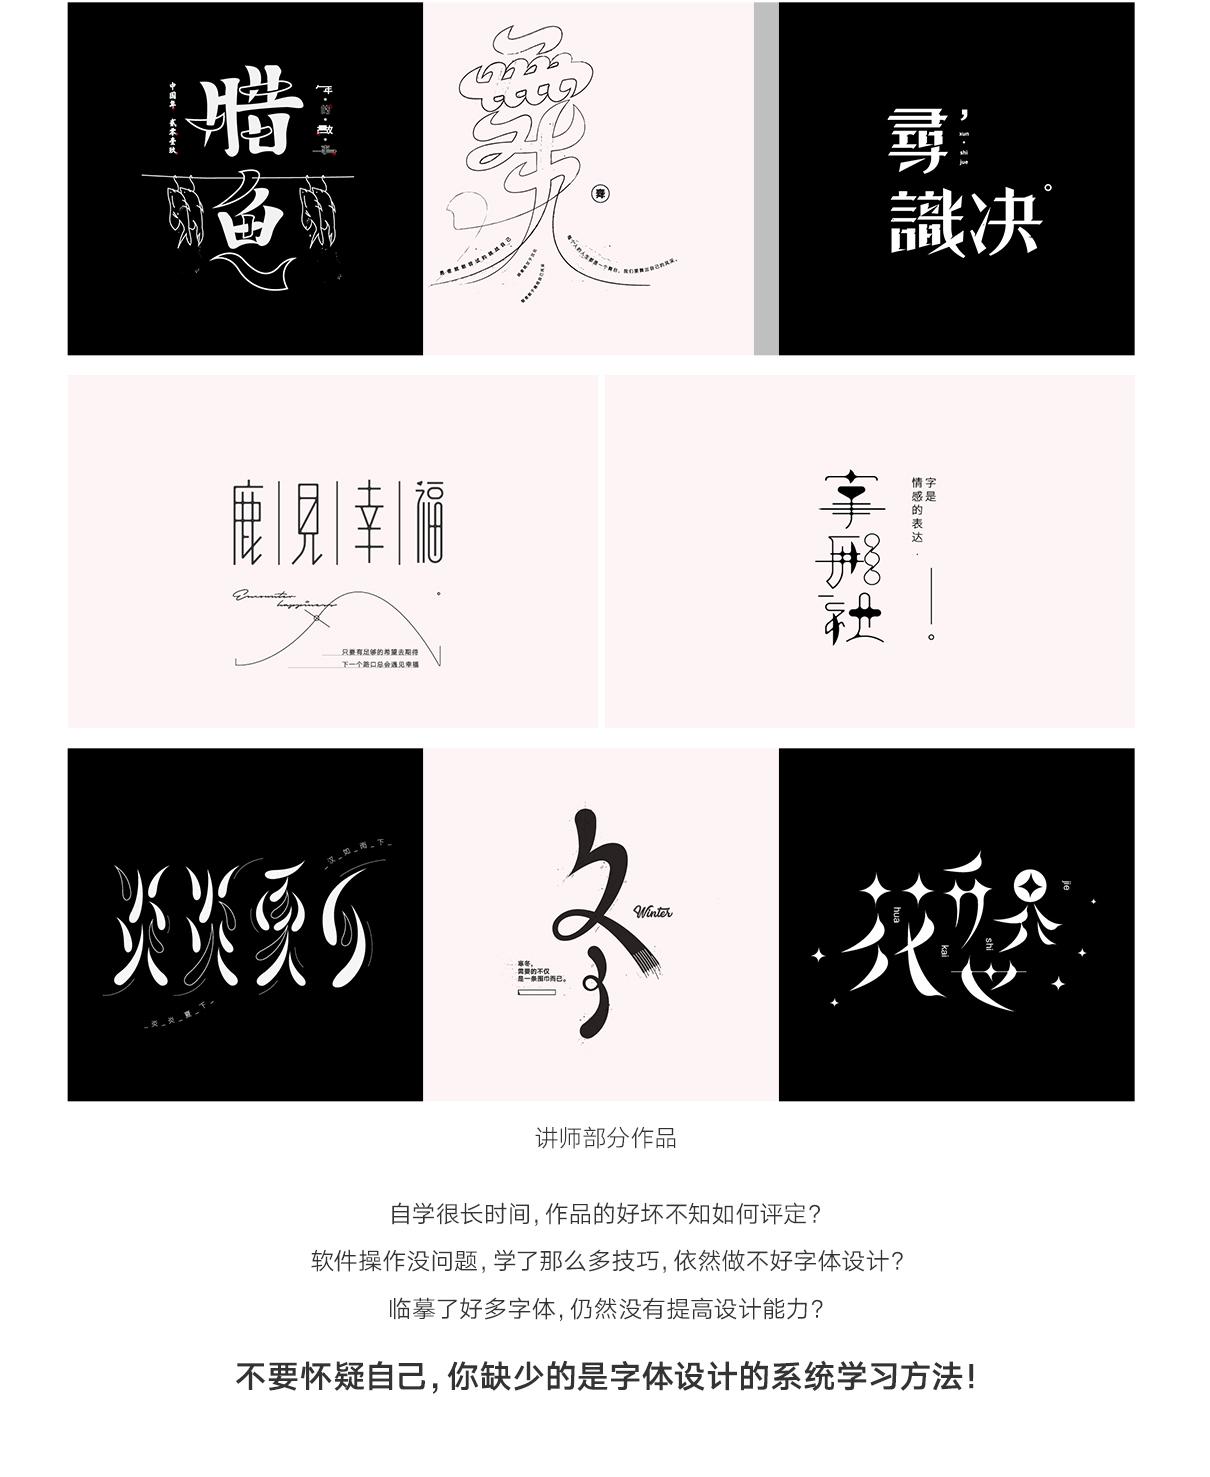 字体设计课程详情_02.jpg